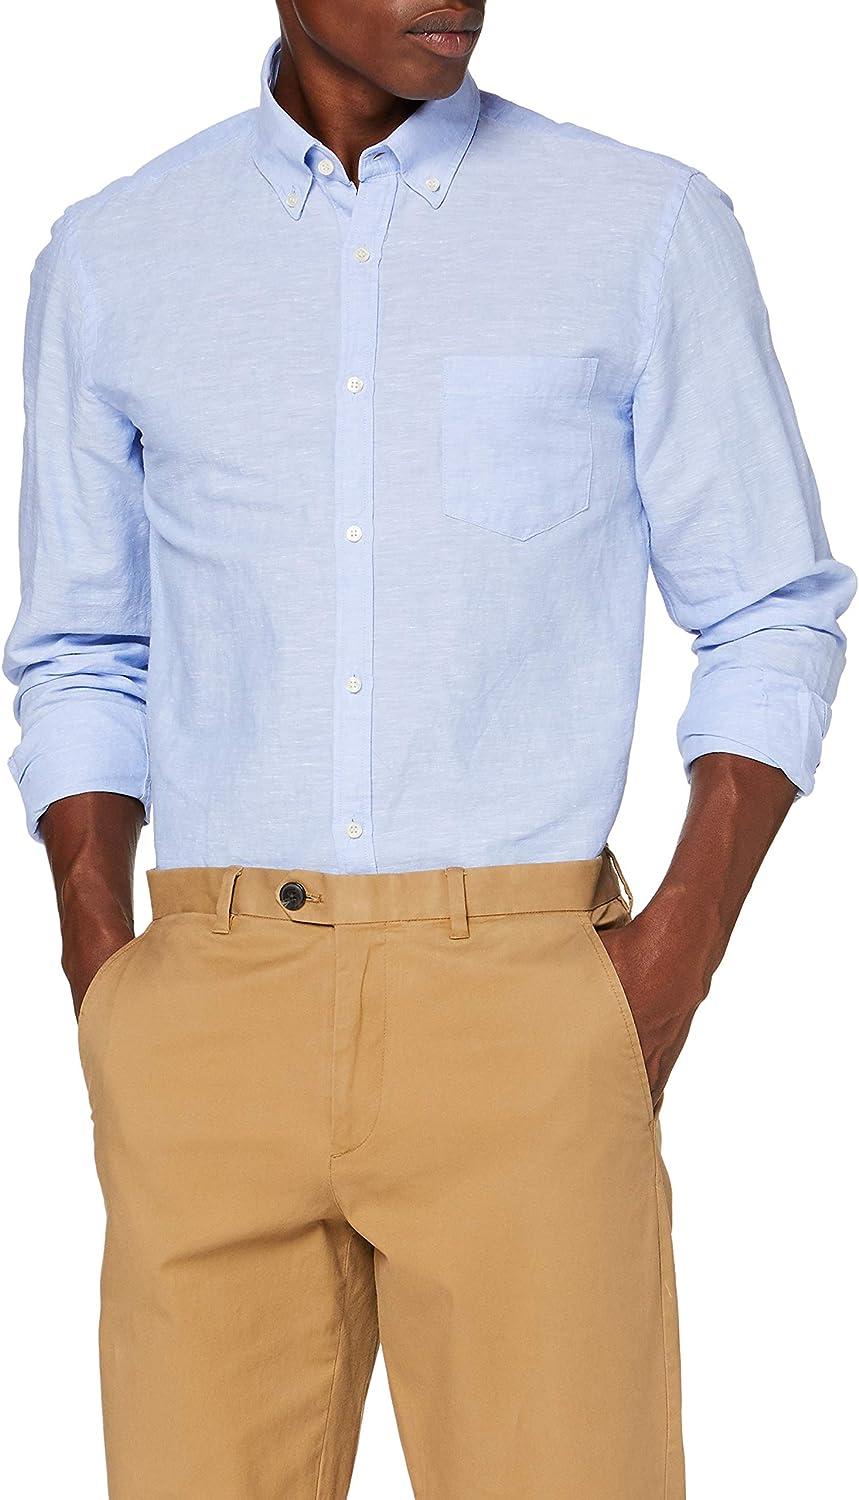 Cortefiel Lino Liso BD Camisa Casual para Hombre: Amazon.es: Ropa y accesorios